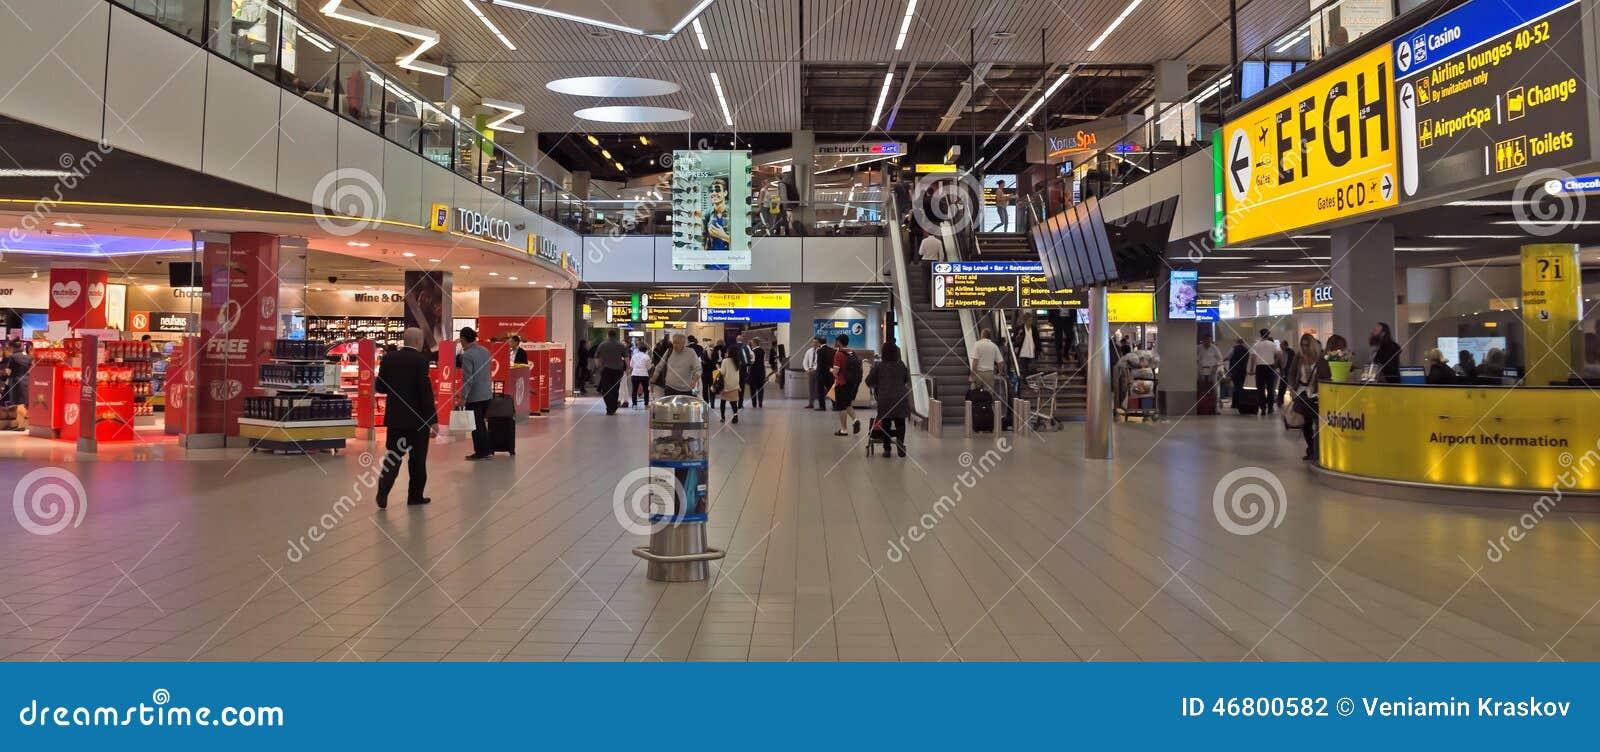 Aeroporto Amsterdam : Plaza di schiphol amsterdam all aeroporto